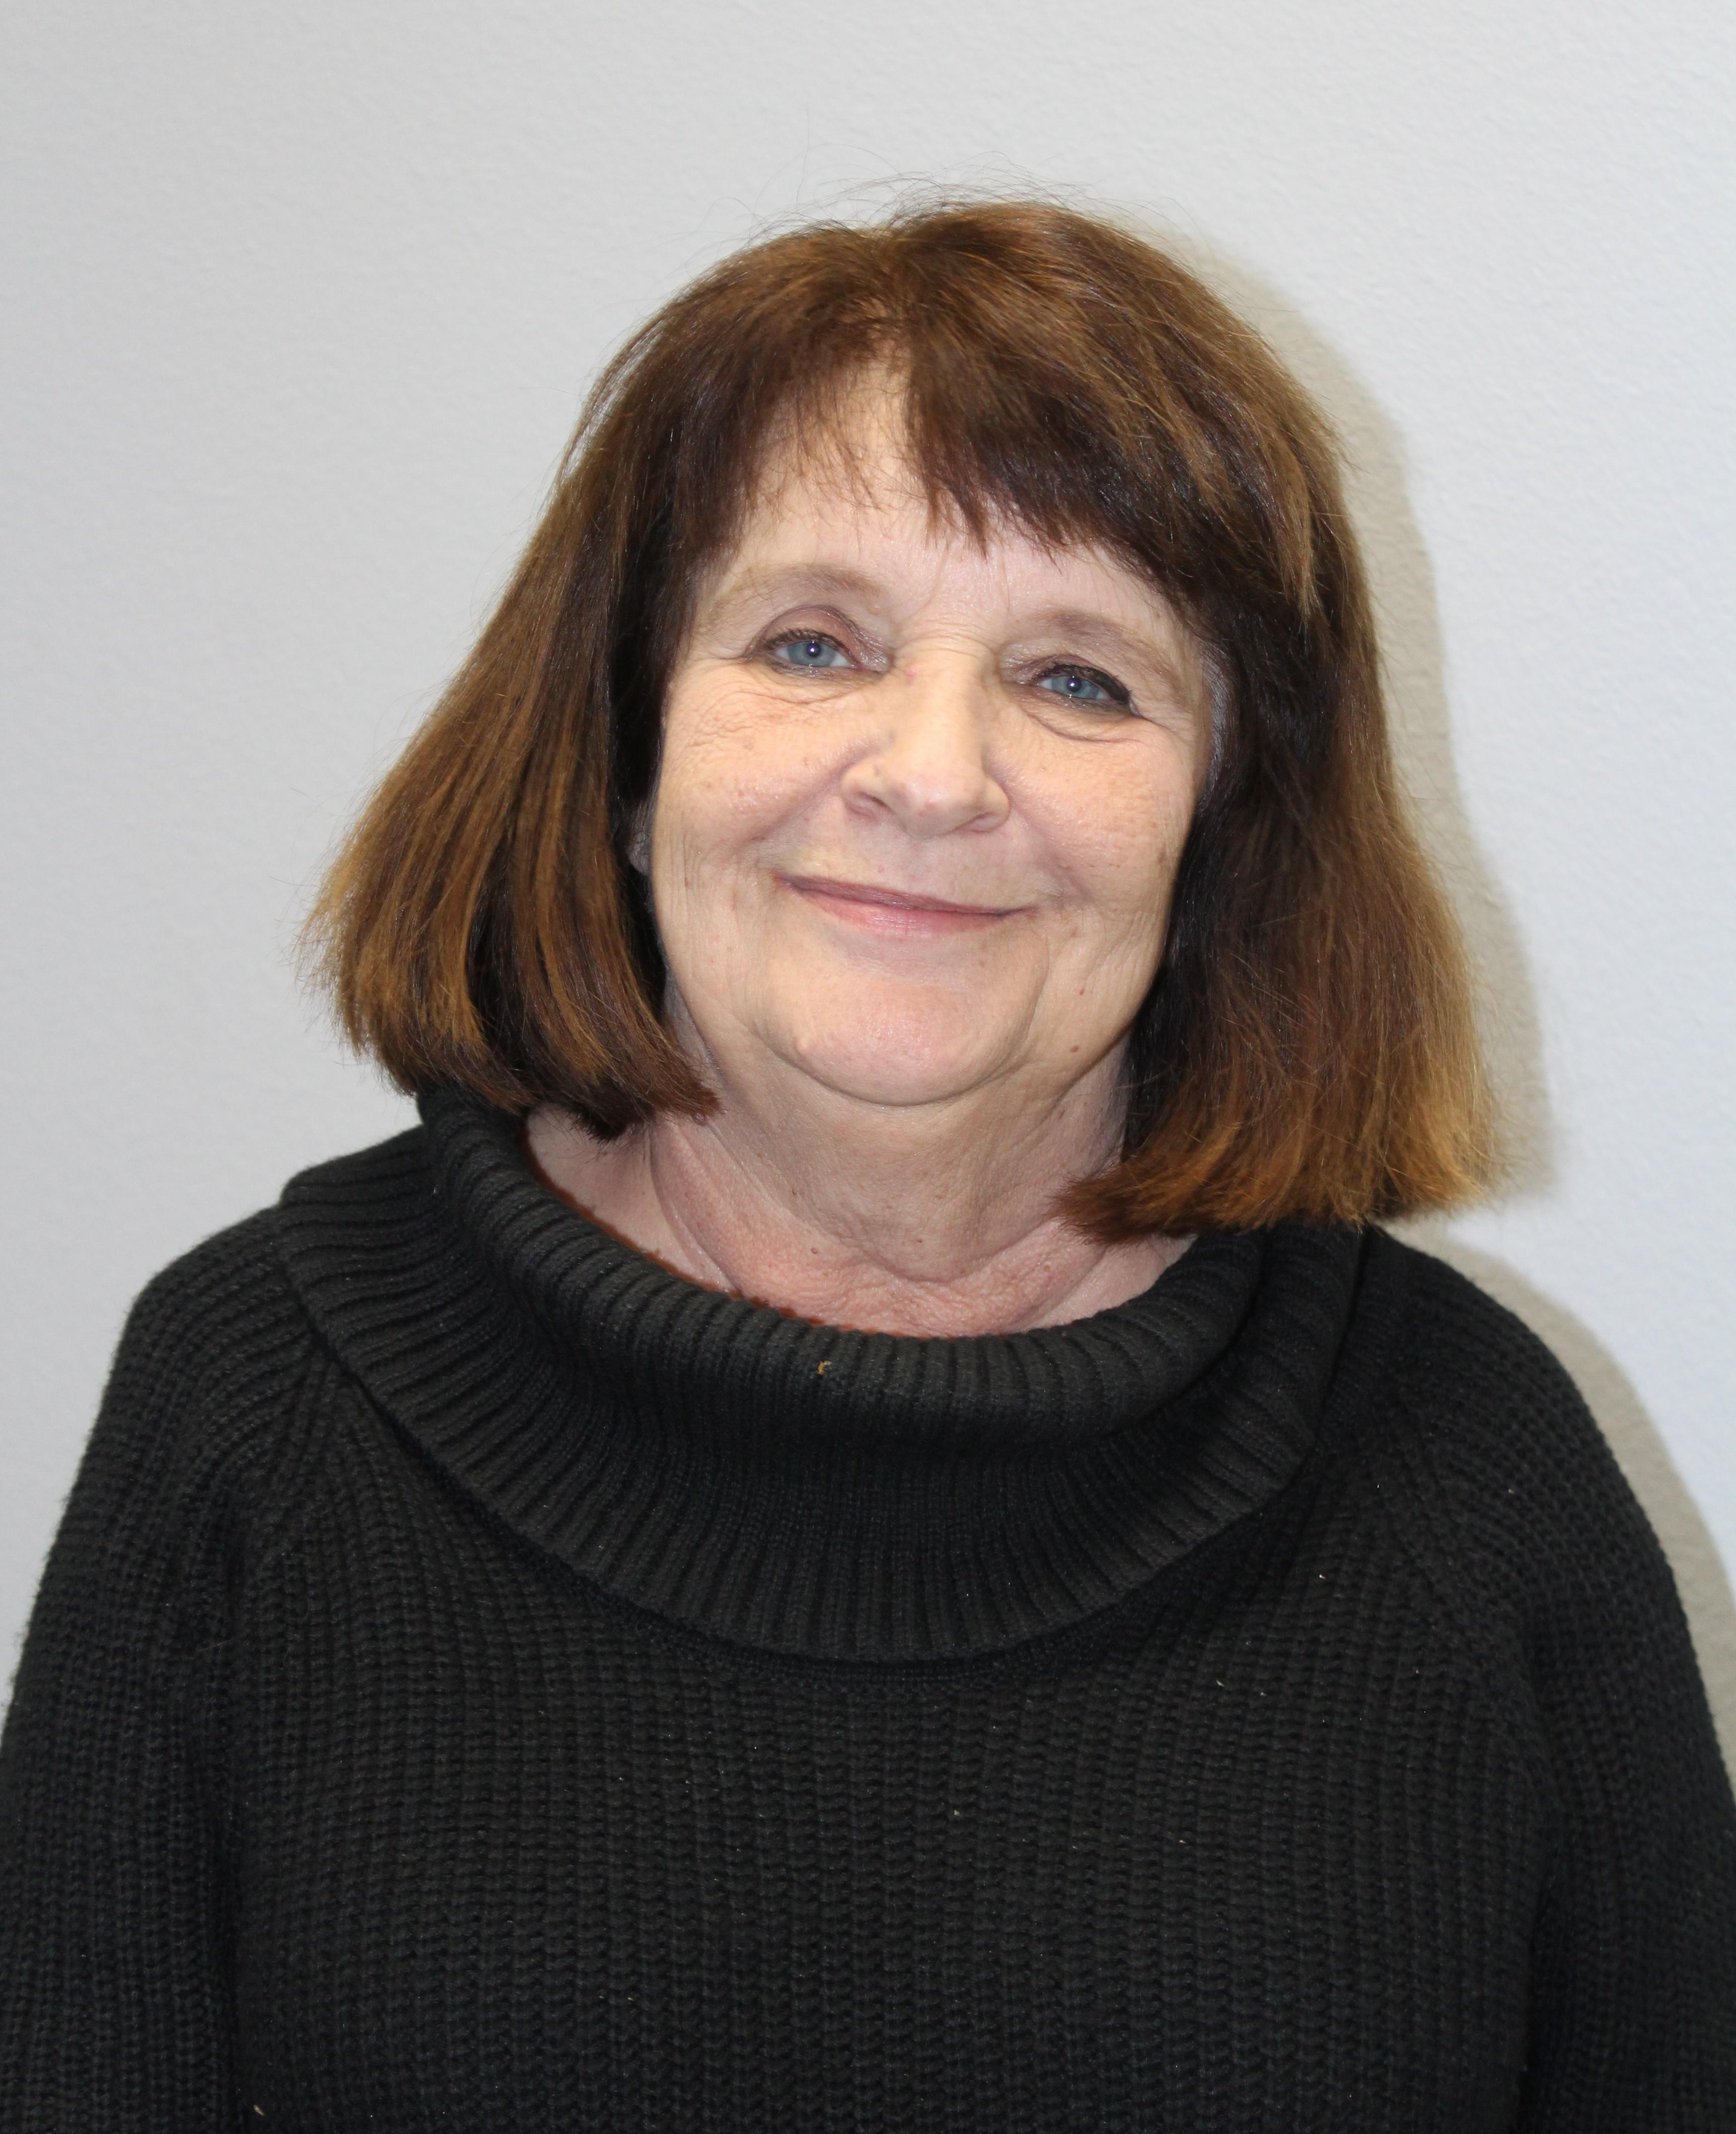 Paula Robertson, LEA Supervisor